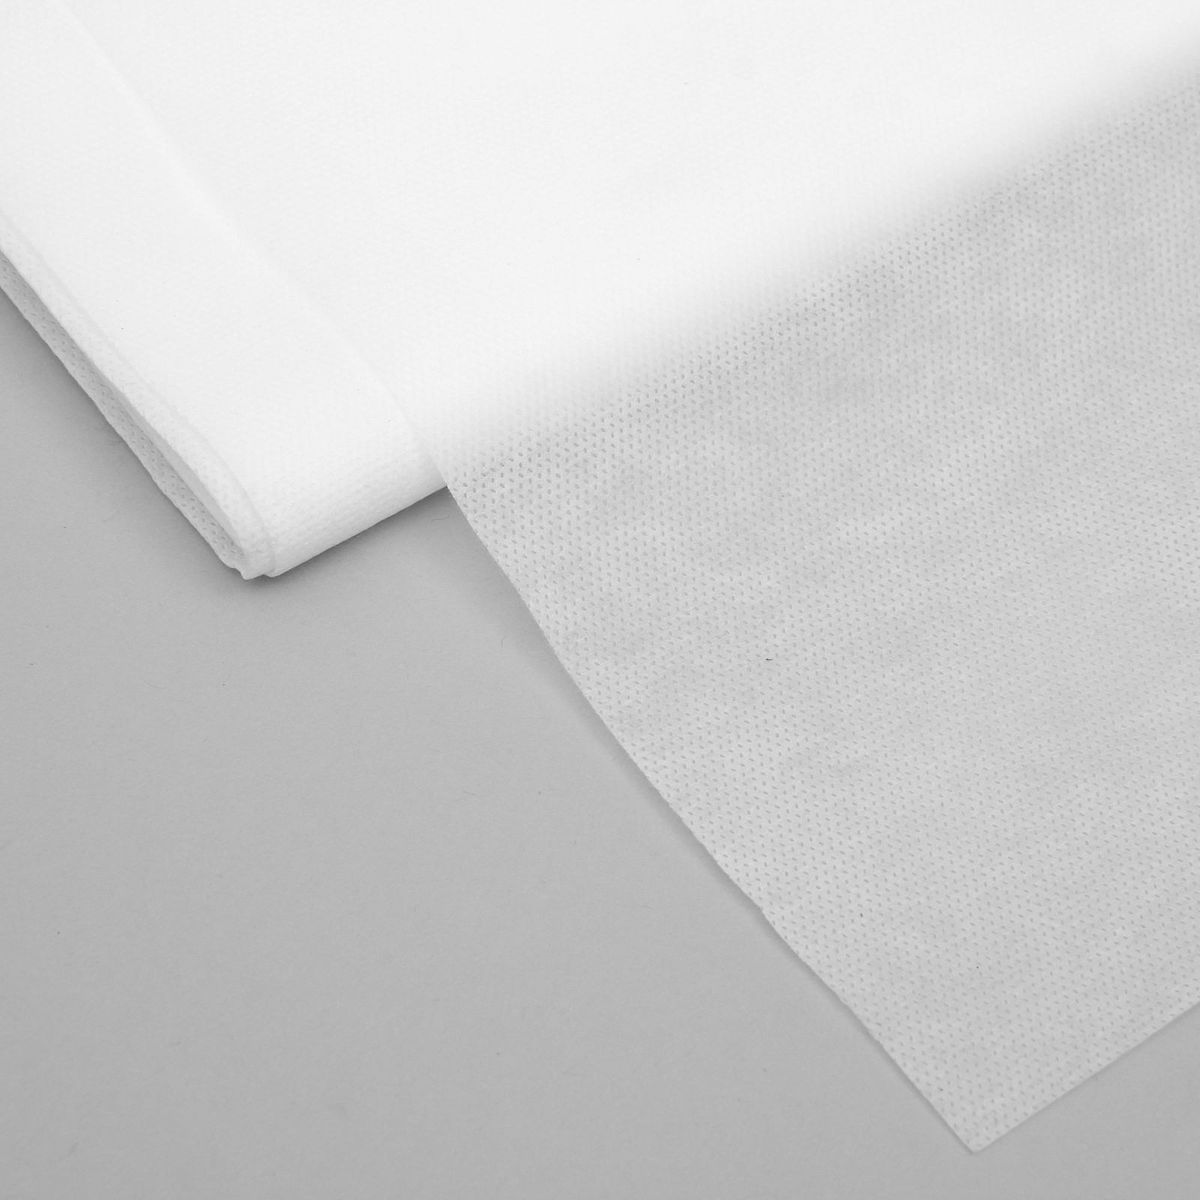 Материал укрывной Агротекс, цвет: белый, 5 х 3,2 м. 20750912075091Летом практически каждая семья стремится проводить больше времени за городом. Прекрасный выбор для комфортного отдыха и эффективного труда на даче, который будет радовать вас достойным качеством.